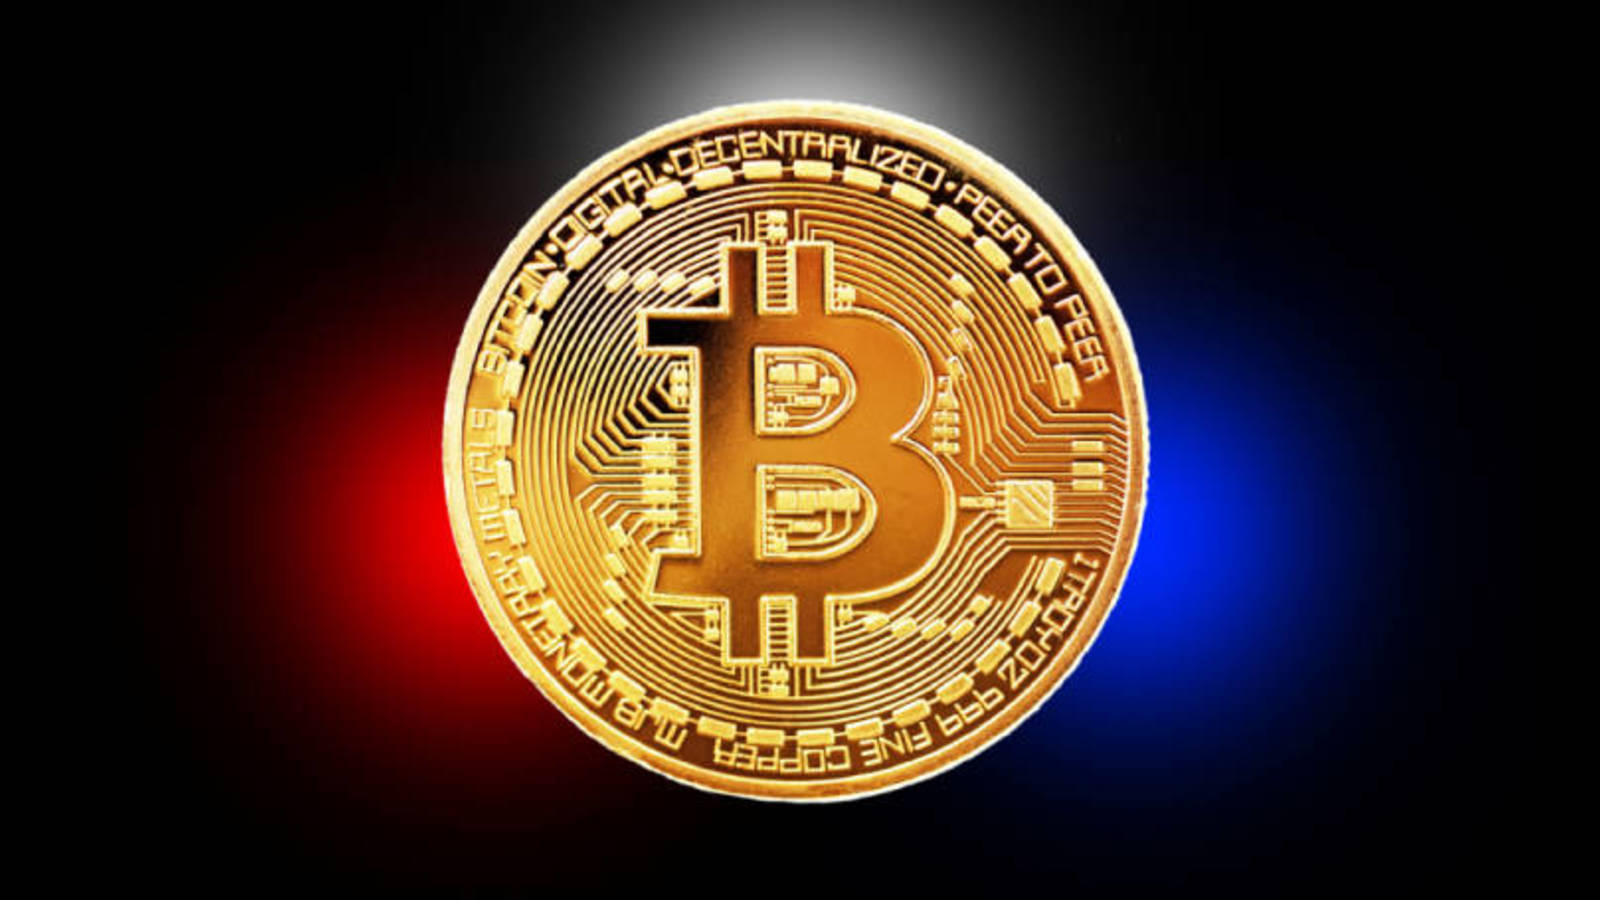 qué es el comercio de bitcoins hoy? excavación de ganancias de bitcoin